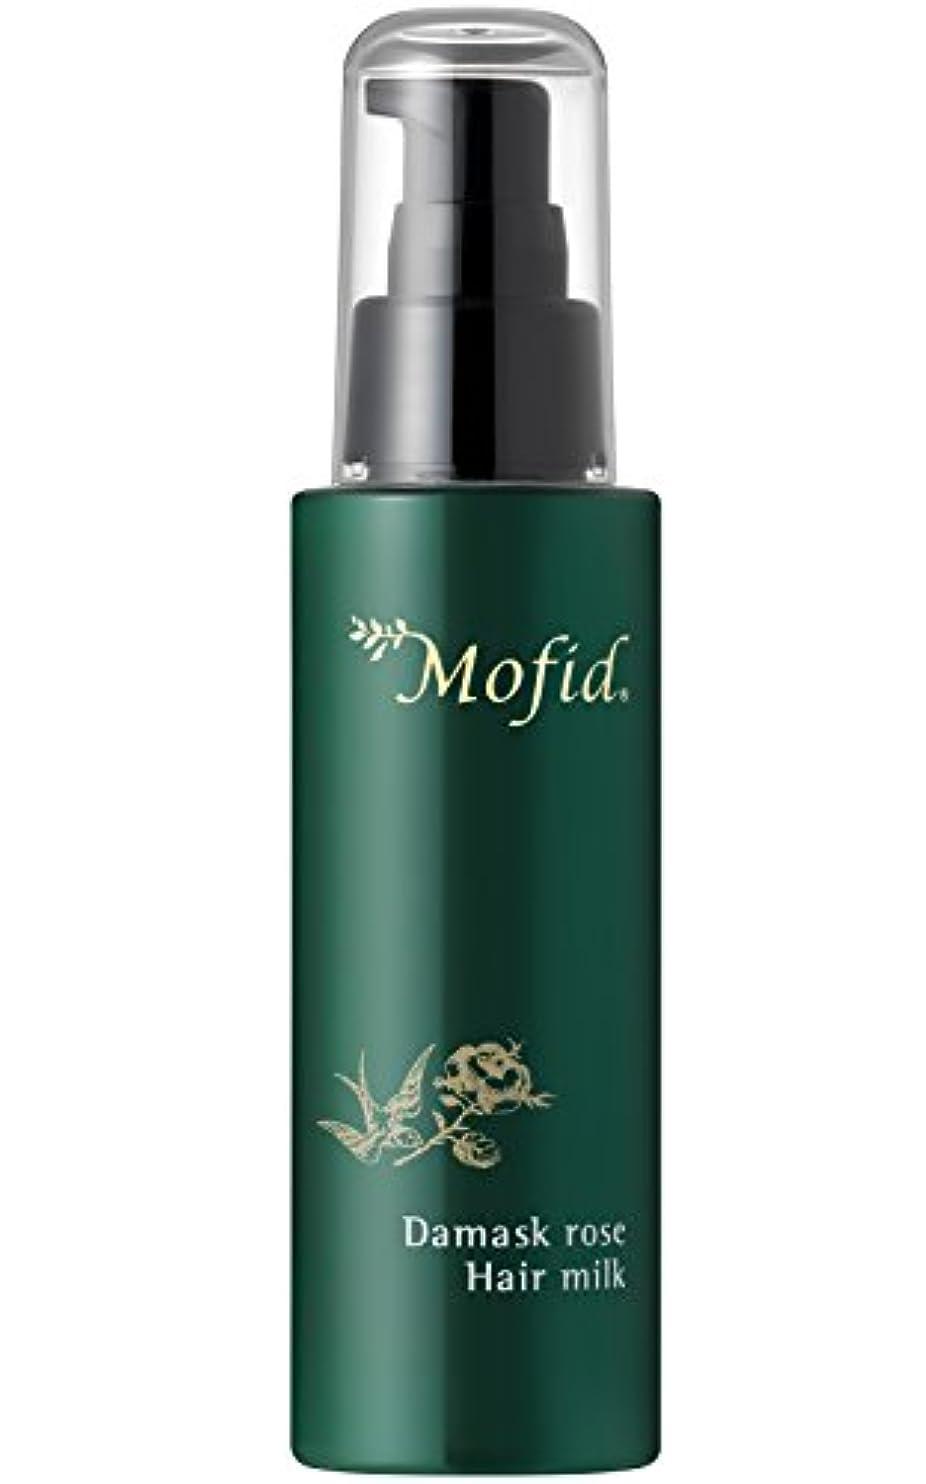 科学不安印象的日本製 オーガニック ヘアミルク 100ml 【ハラル Halal 認証】 モフィード Mofid Damask Rose Hair Milk